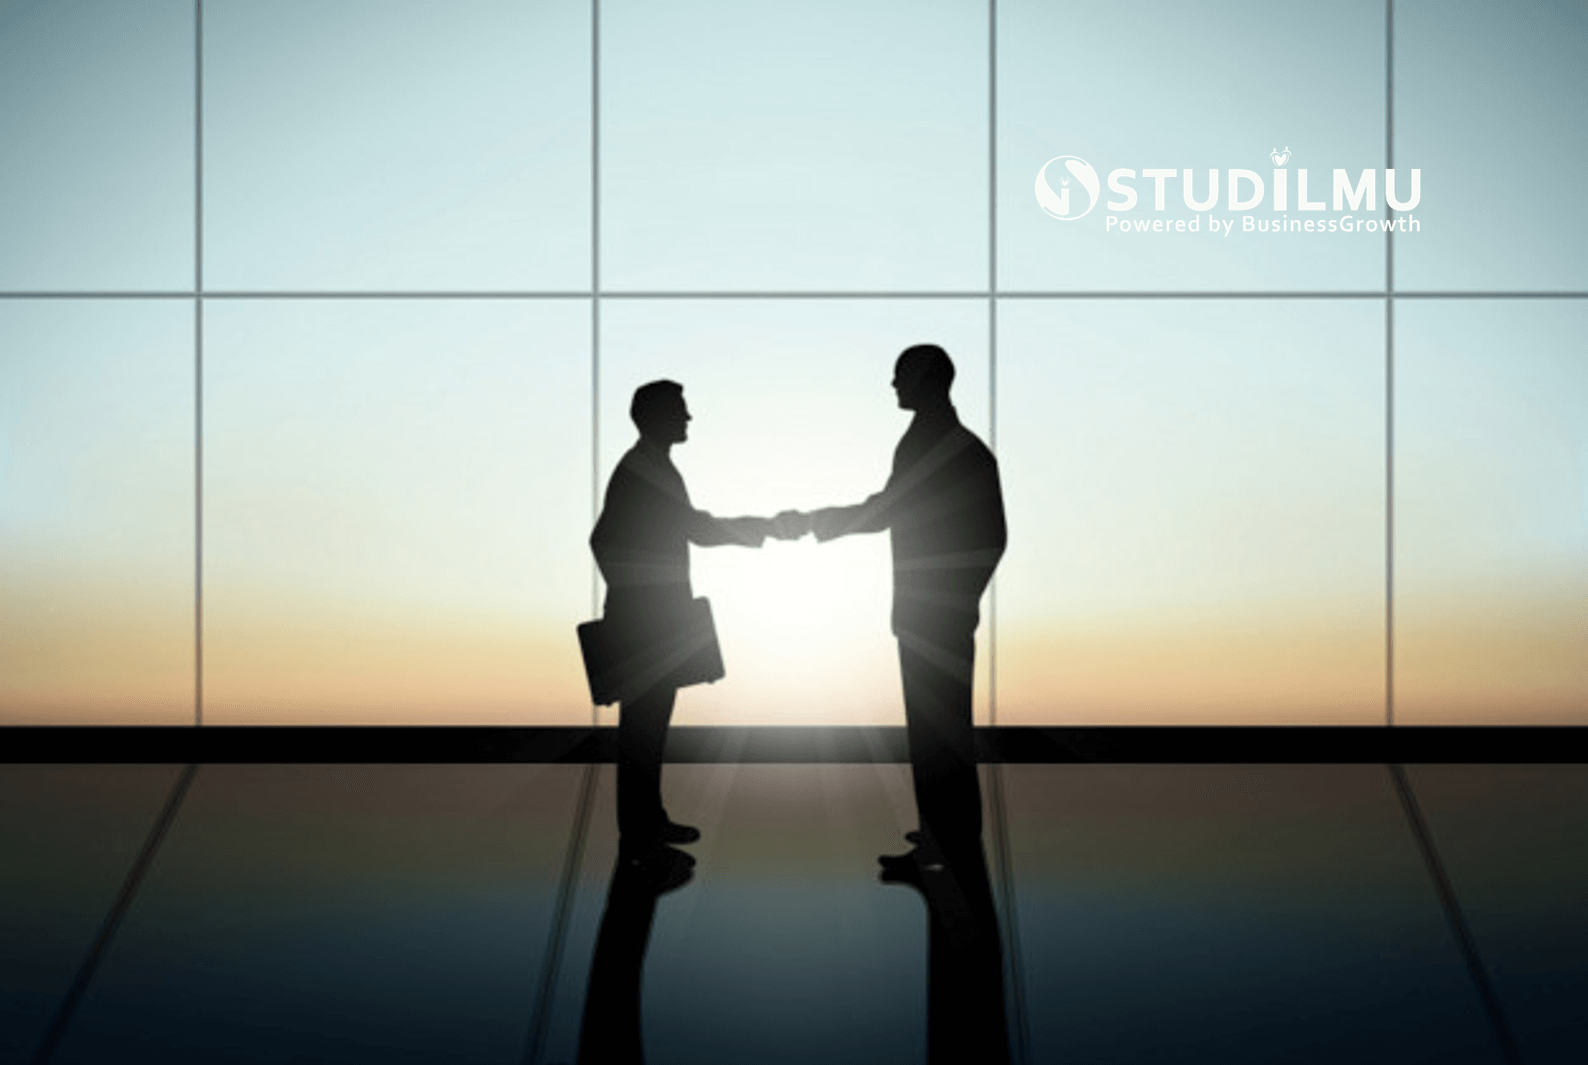 STUDILMU Career Advice - 4 Tanda Memiliki Hubungan Kerja dengan Klien yang Tidak Baik